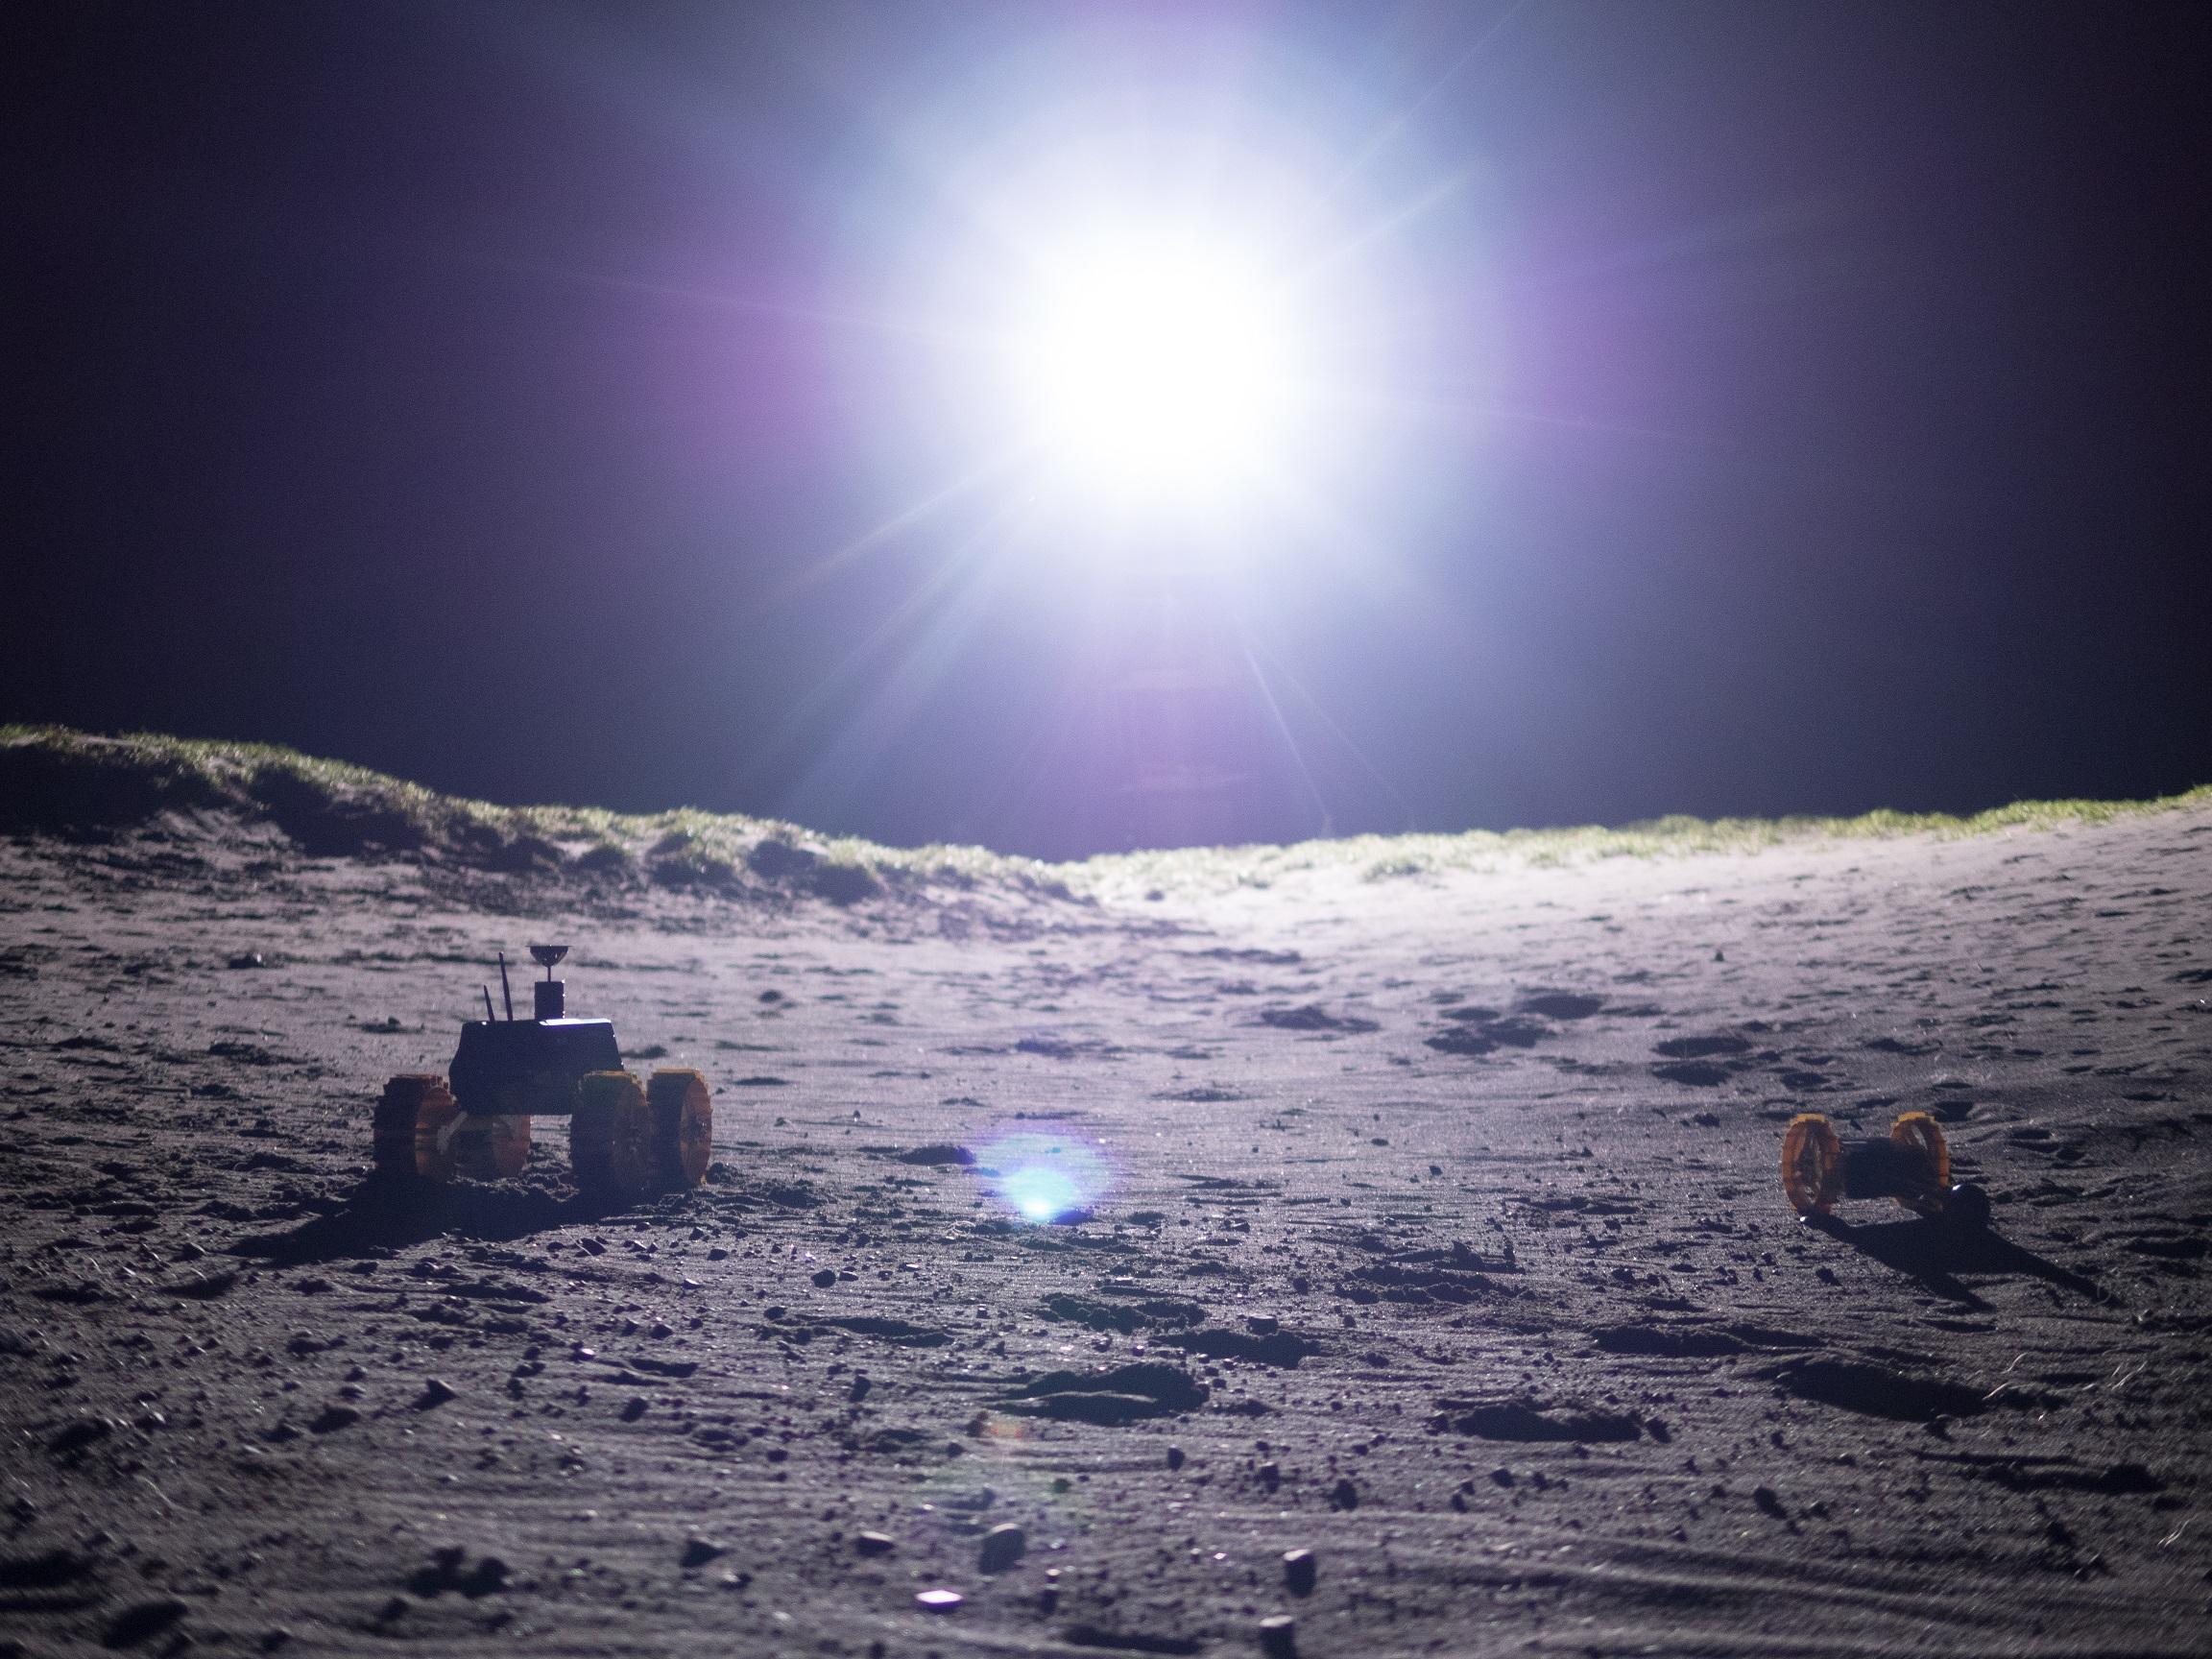 구글 루나 X프라이즈에 참가한 일본의 하쿠토(HAKUTO) 팀이 개발한 달 탐사 로버.  달 표면과 유사한 지역에서 필드 테스트를 진행하고 있다.